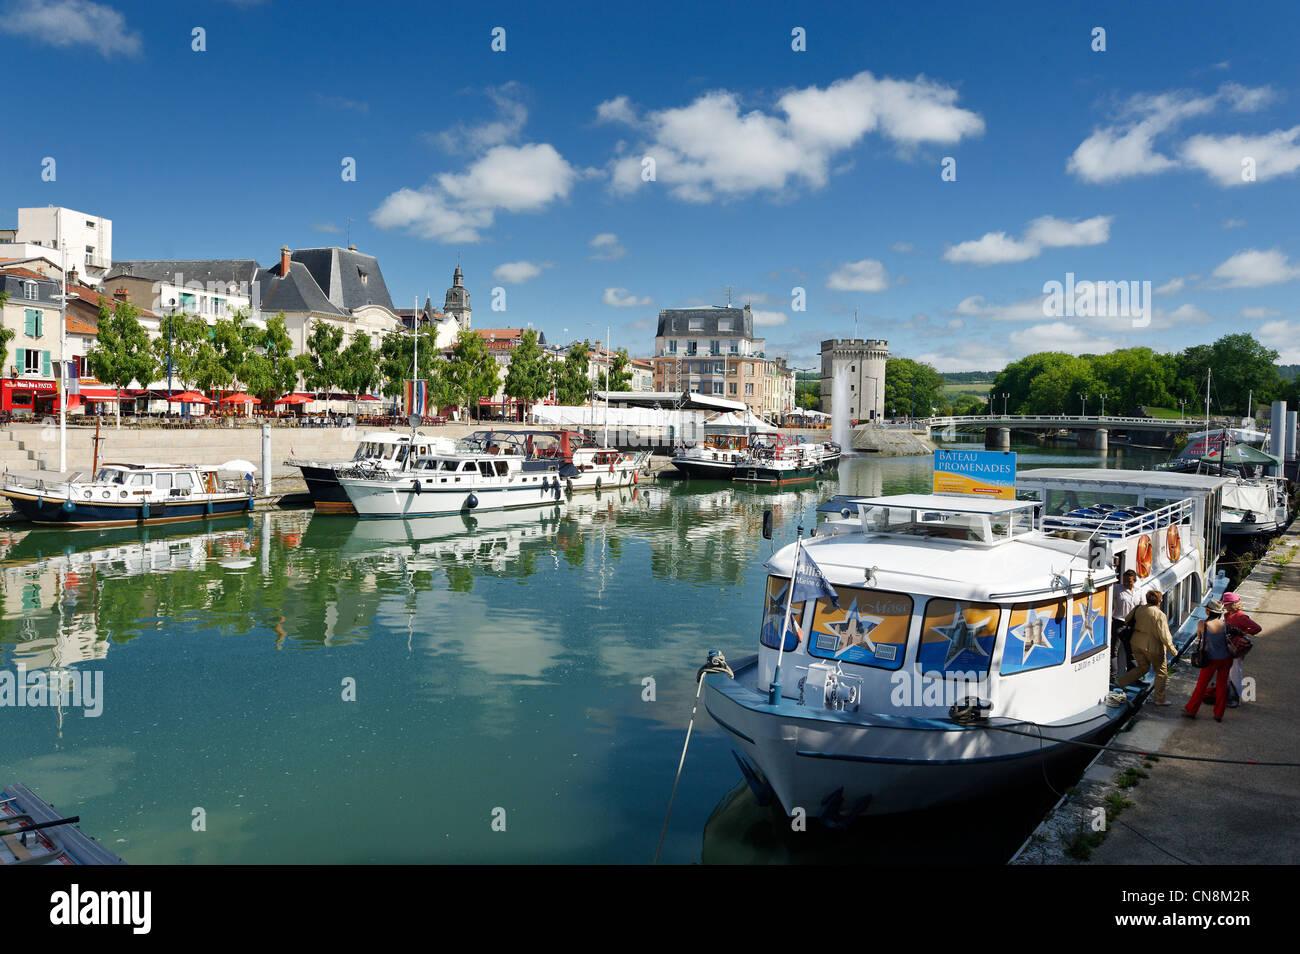 France, Meuse, Verdun, Quai de la Republique, tourist boats moored in front of Quai de Londres - Stock Image